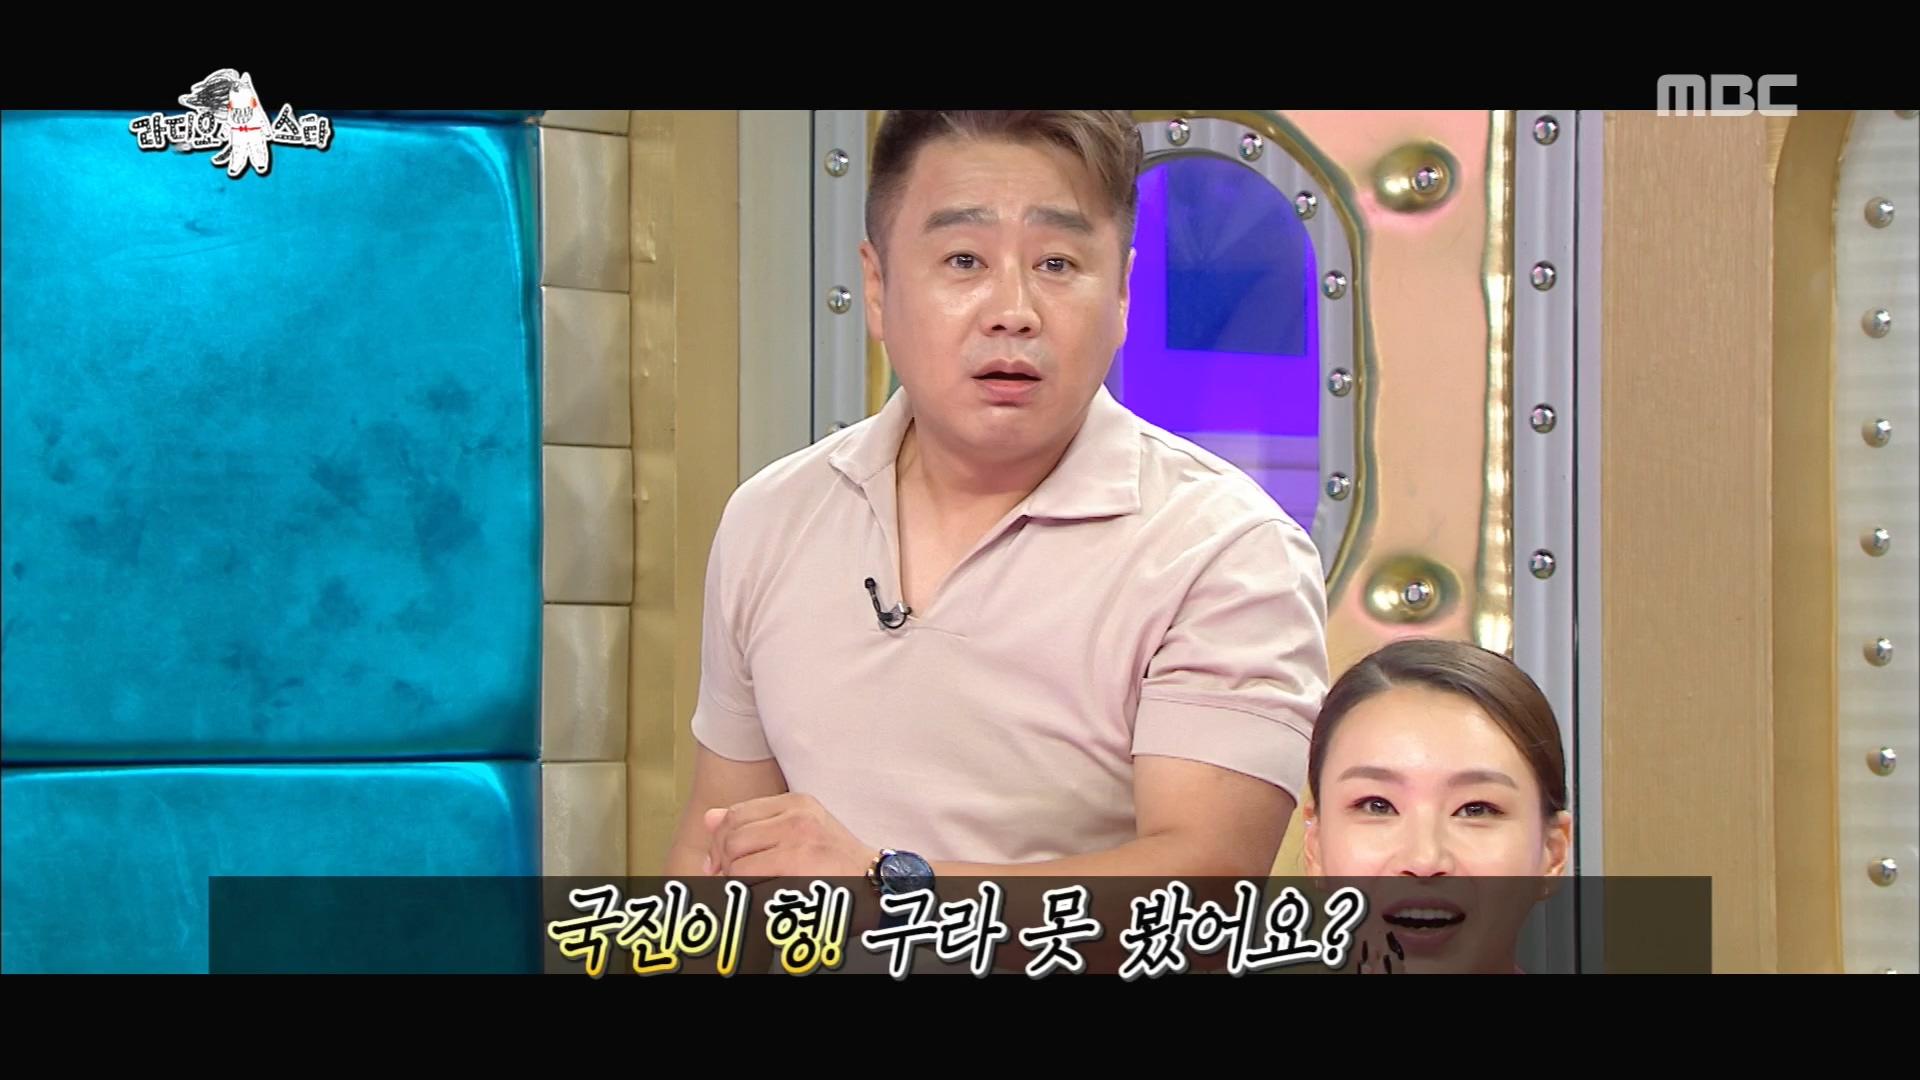 이광기의 모놀로그! (ft. 김구라)